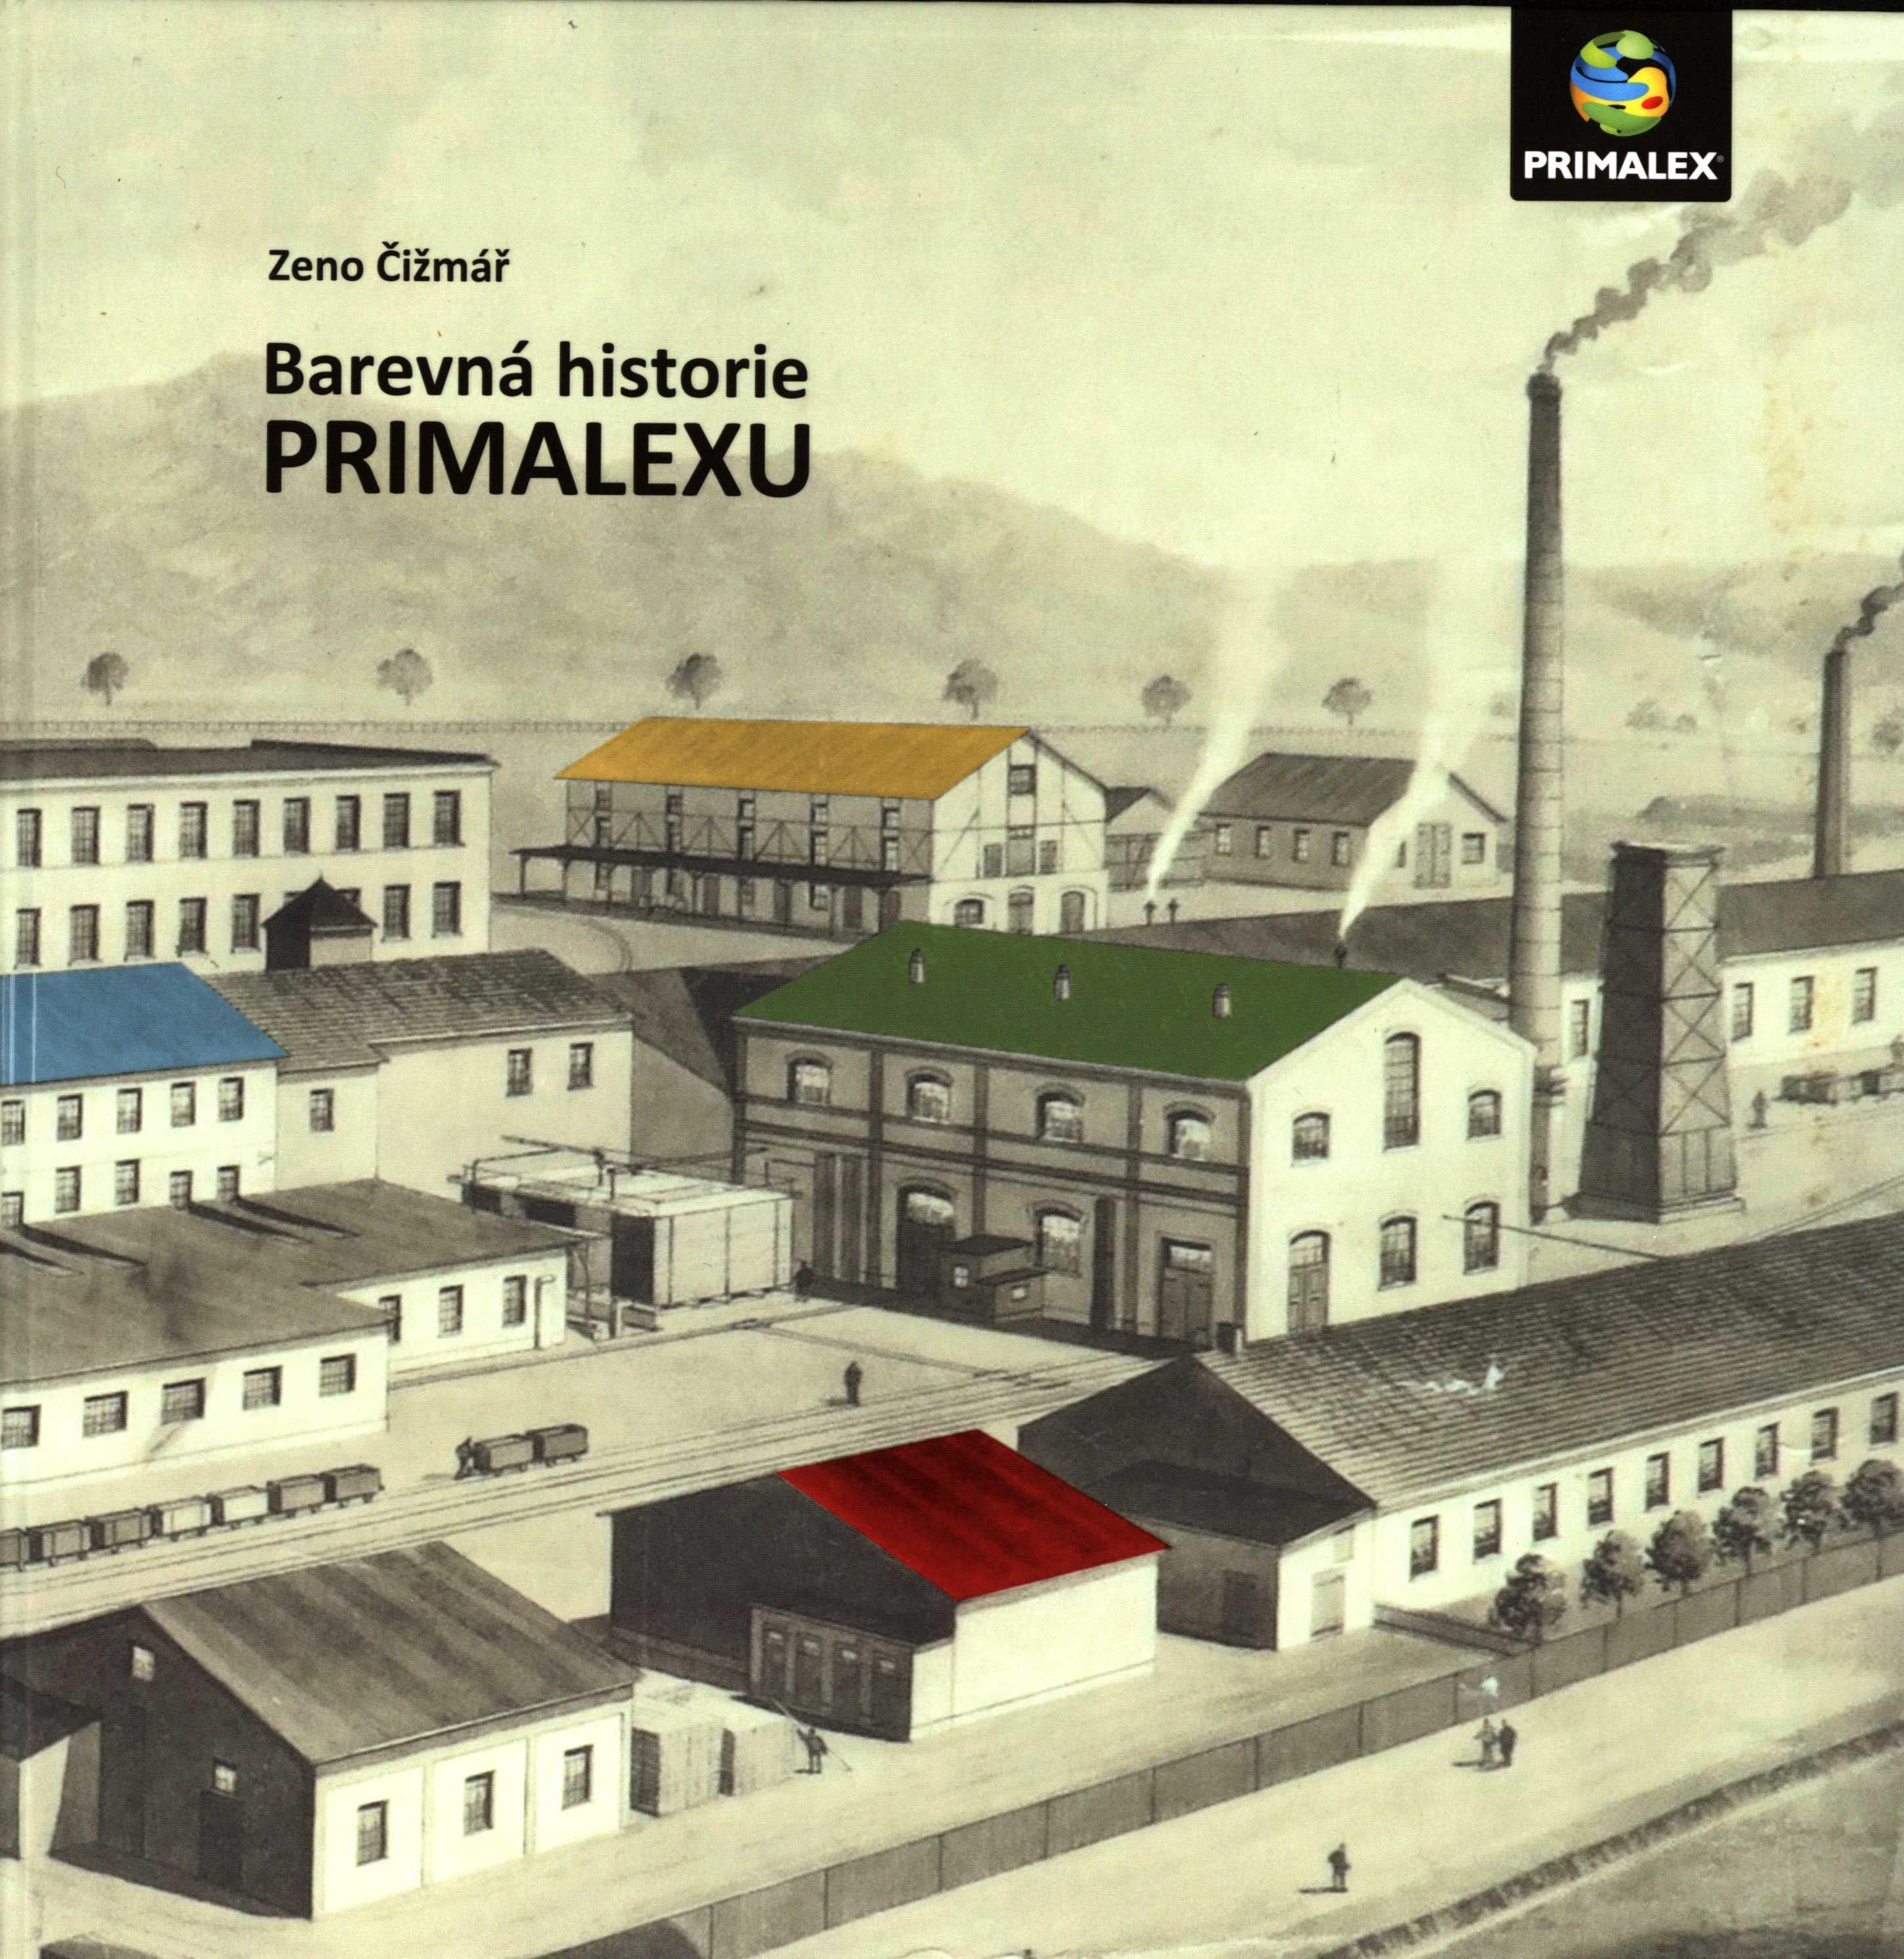 Barevná historie Primalexu